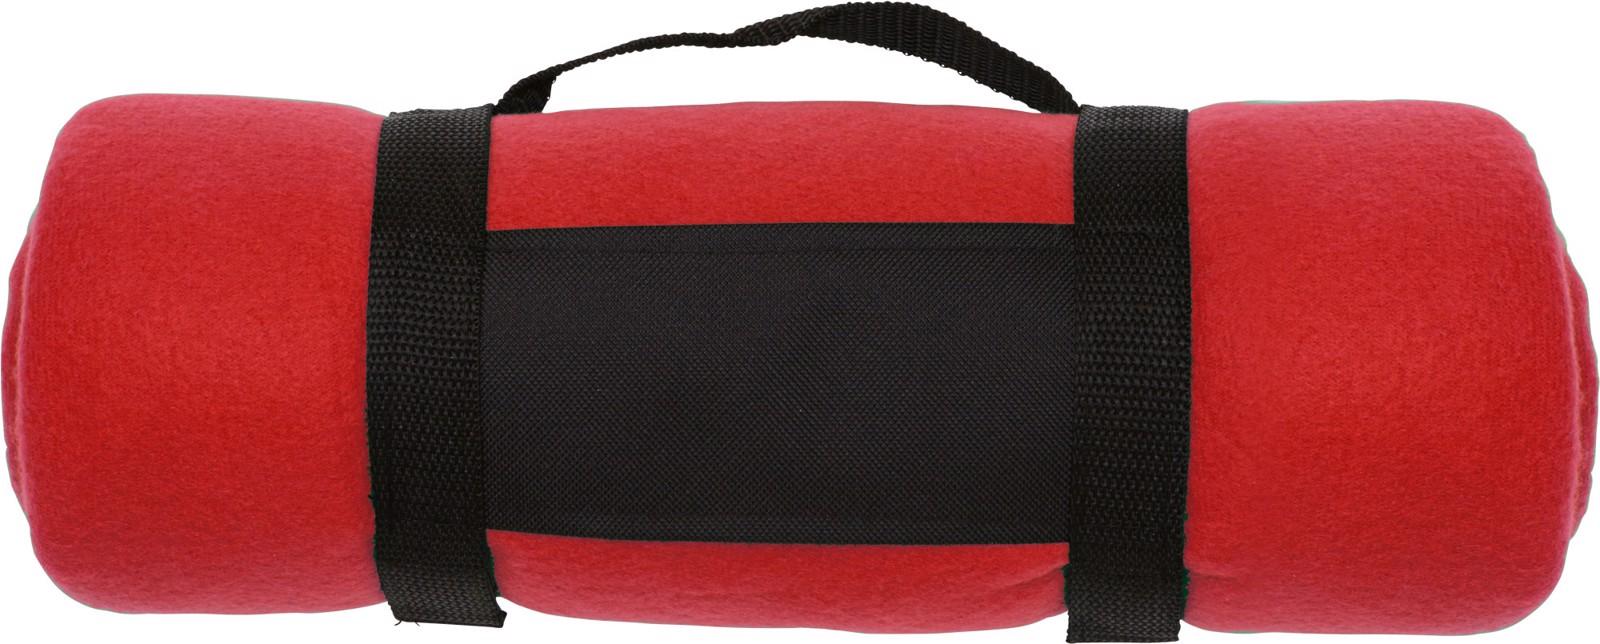 Polar fleece (170-180 gr/m²) blanket - Red